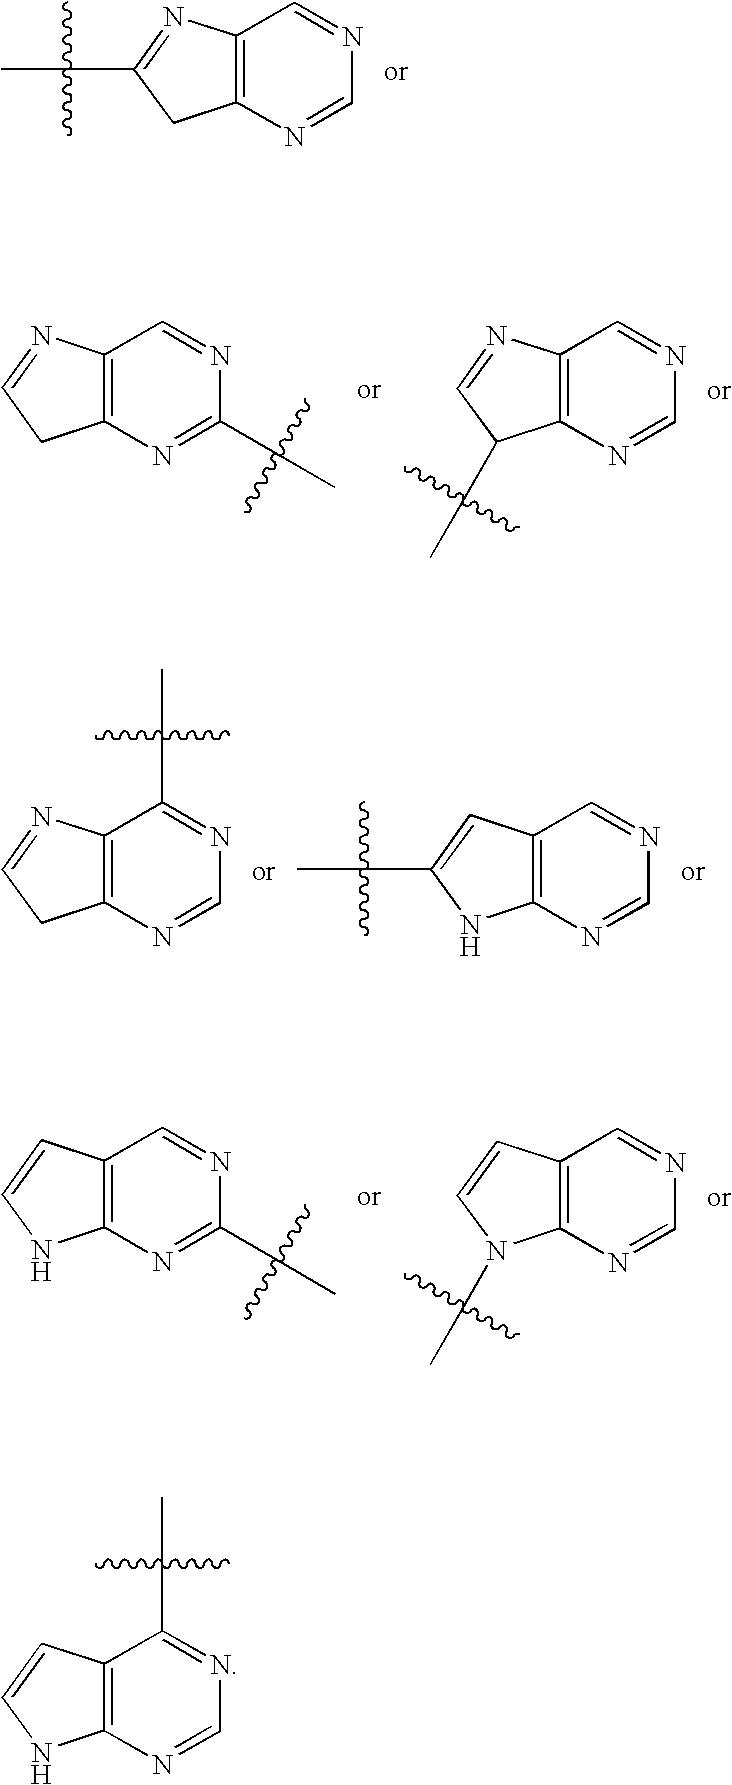 Figure US07935131-20110503-C00129